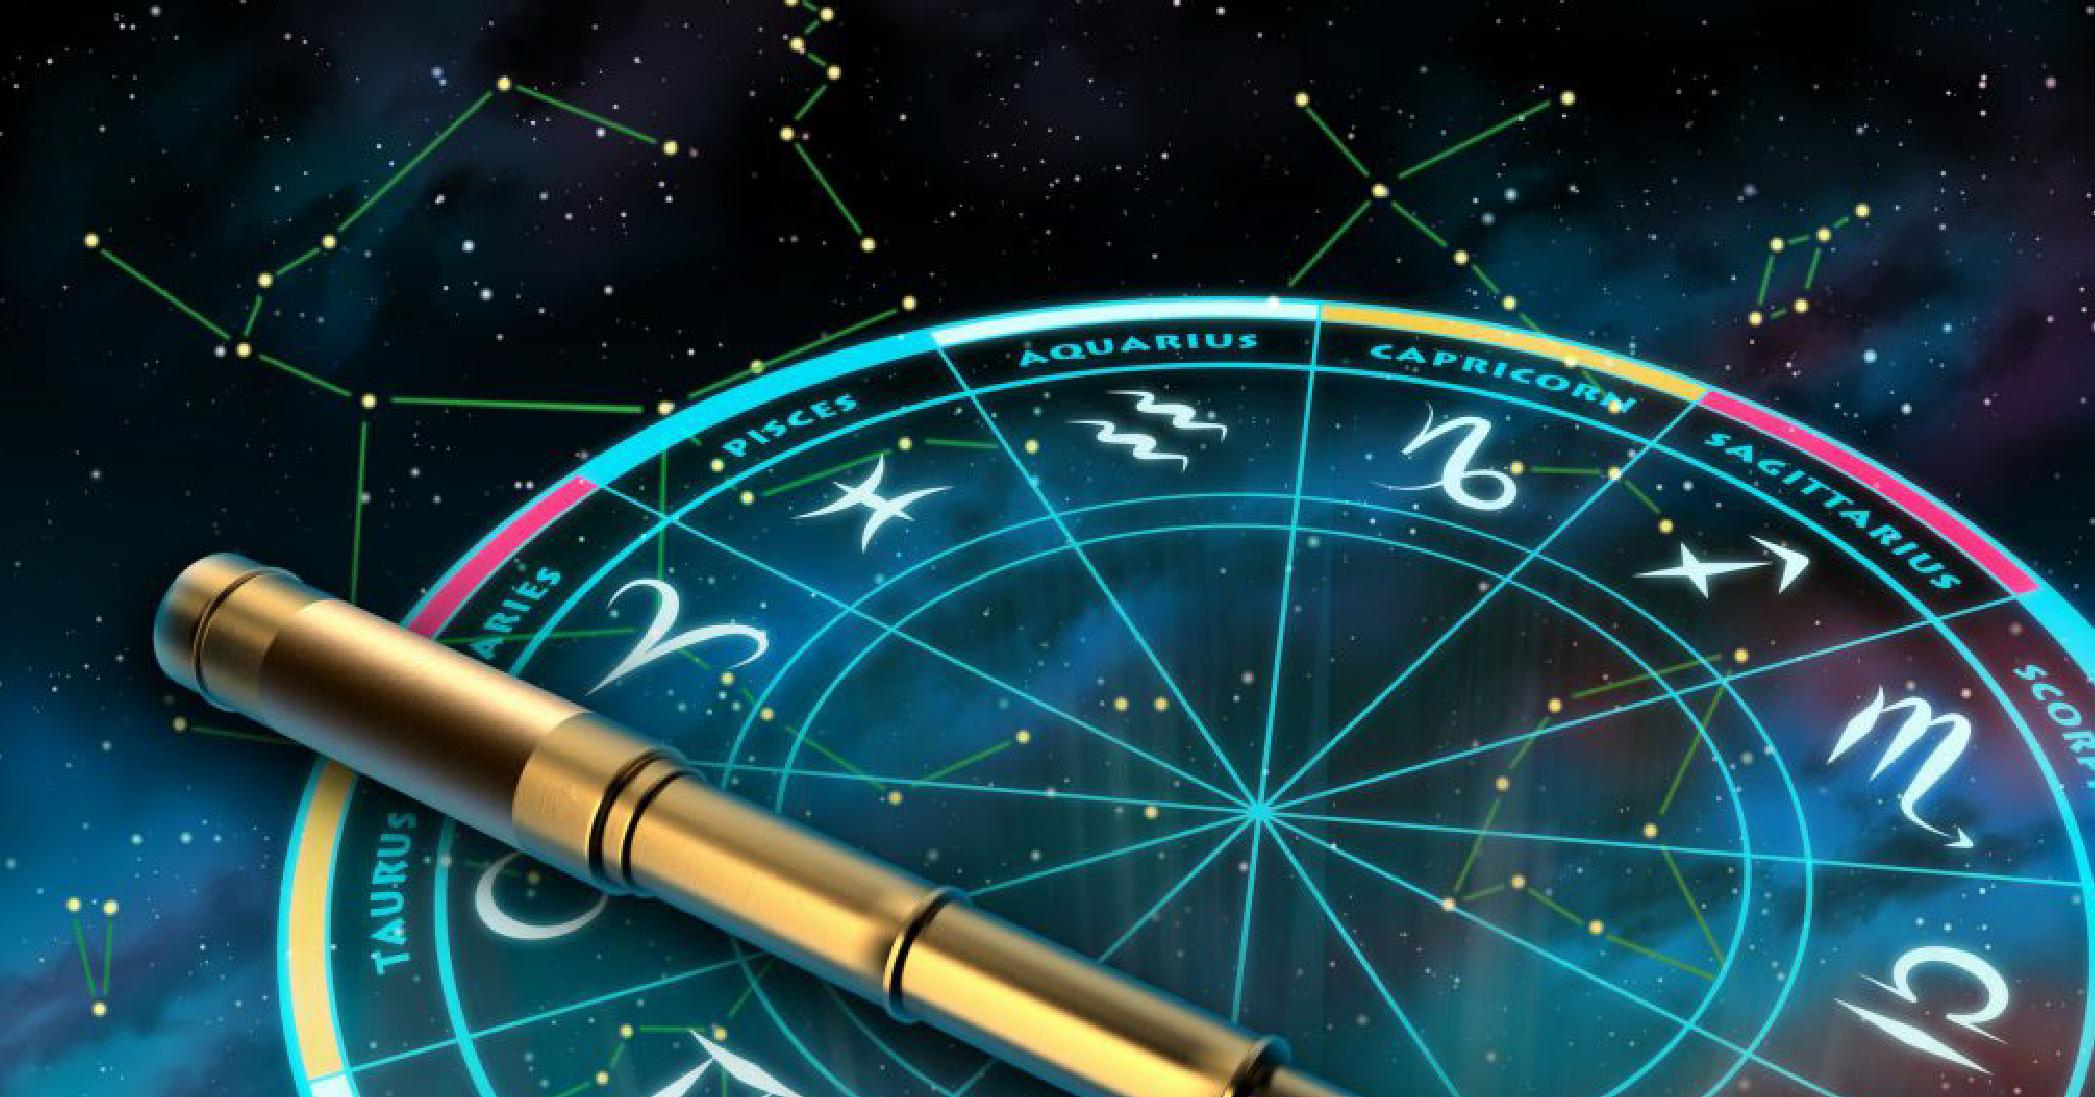 Astrologia Cármica. Meio do Céu, Roda da Fortuna e Nodo Norte. Pontos de Evolução e vidas passadas